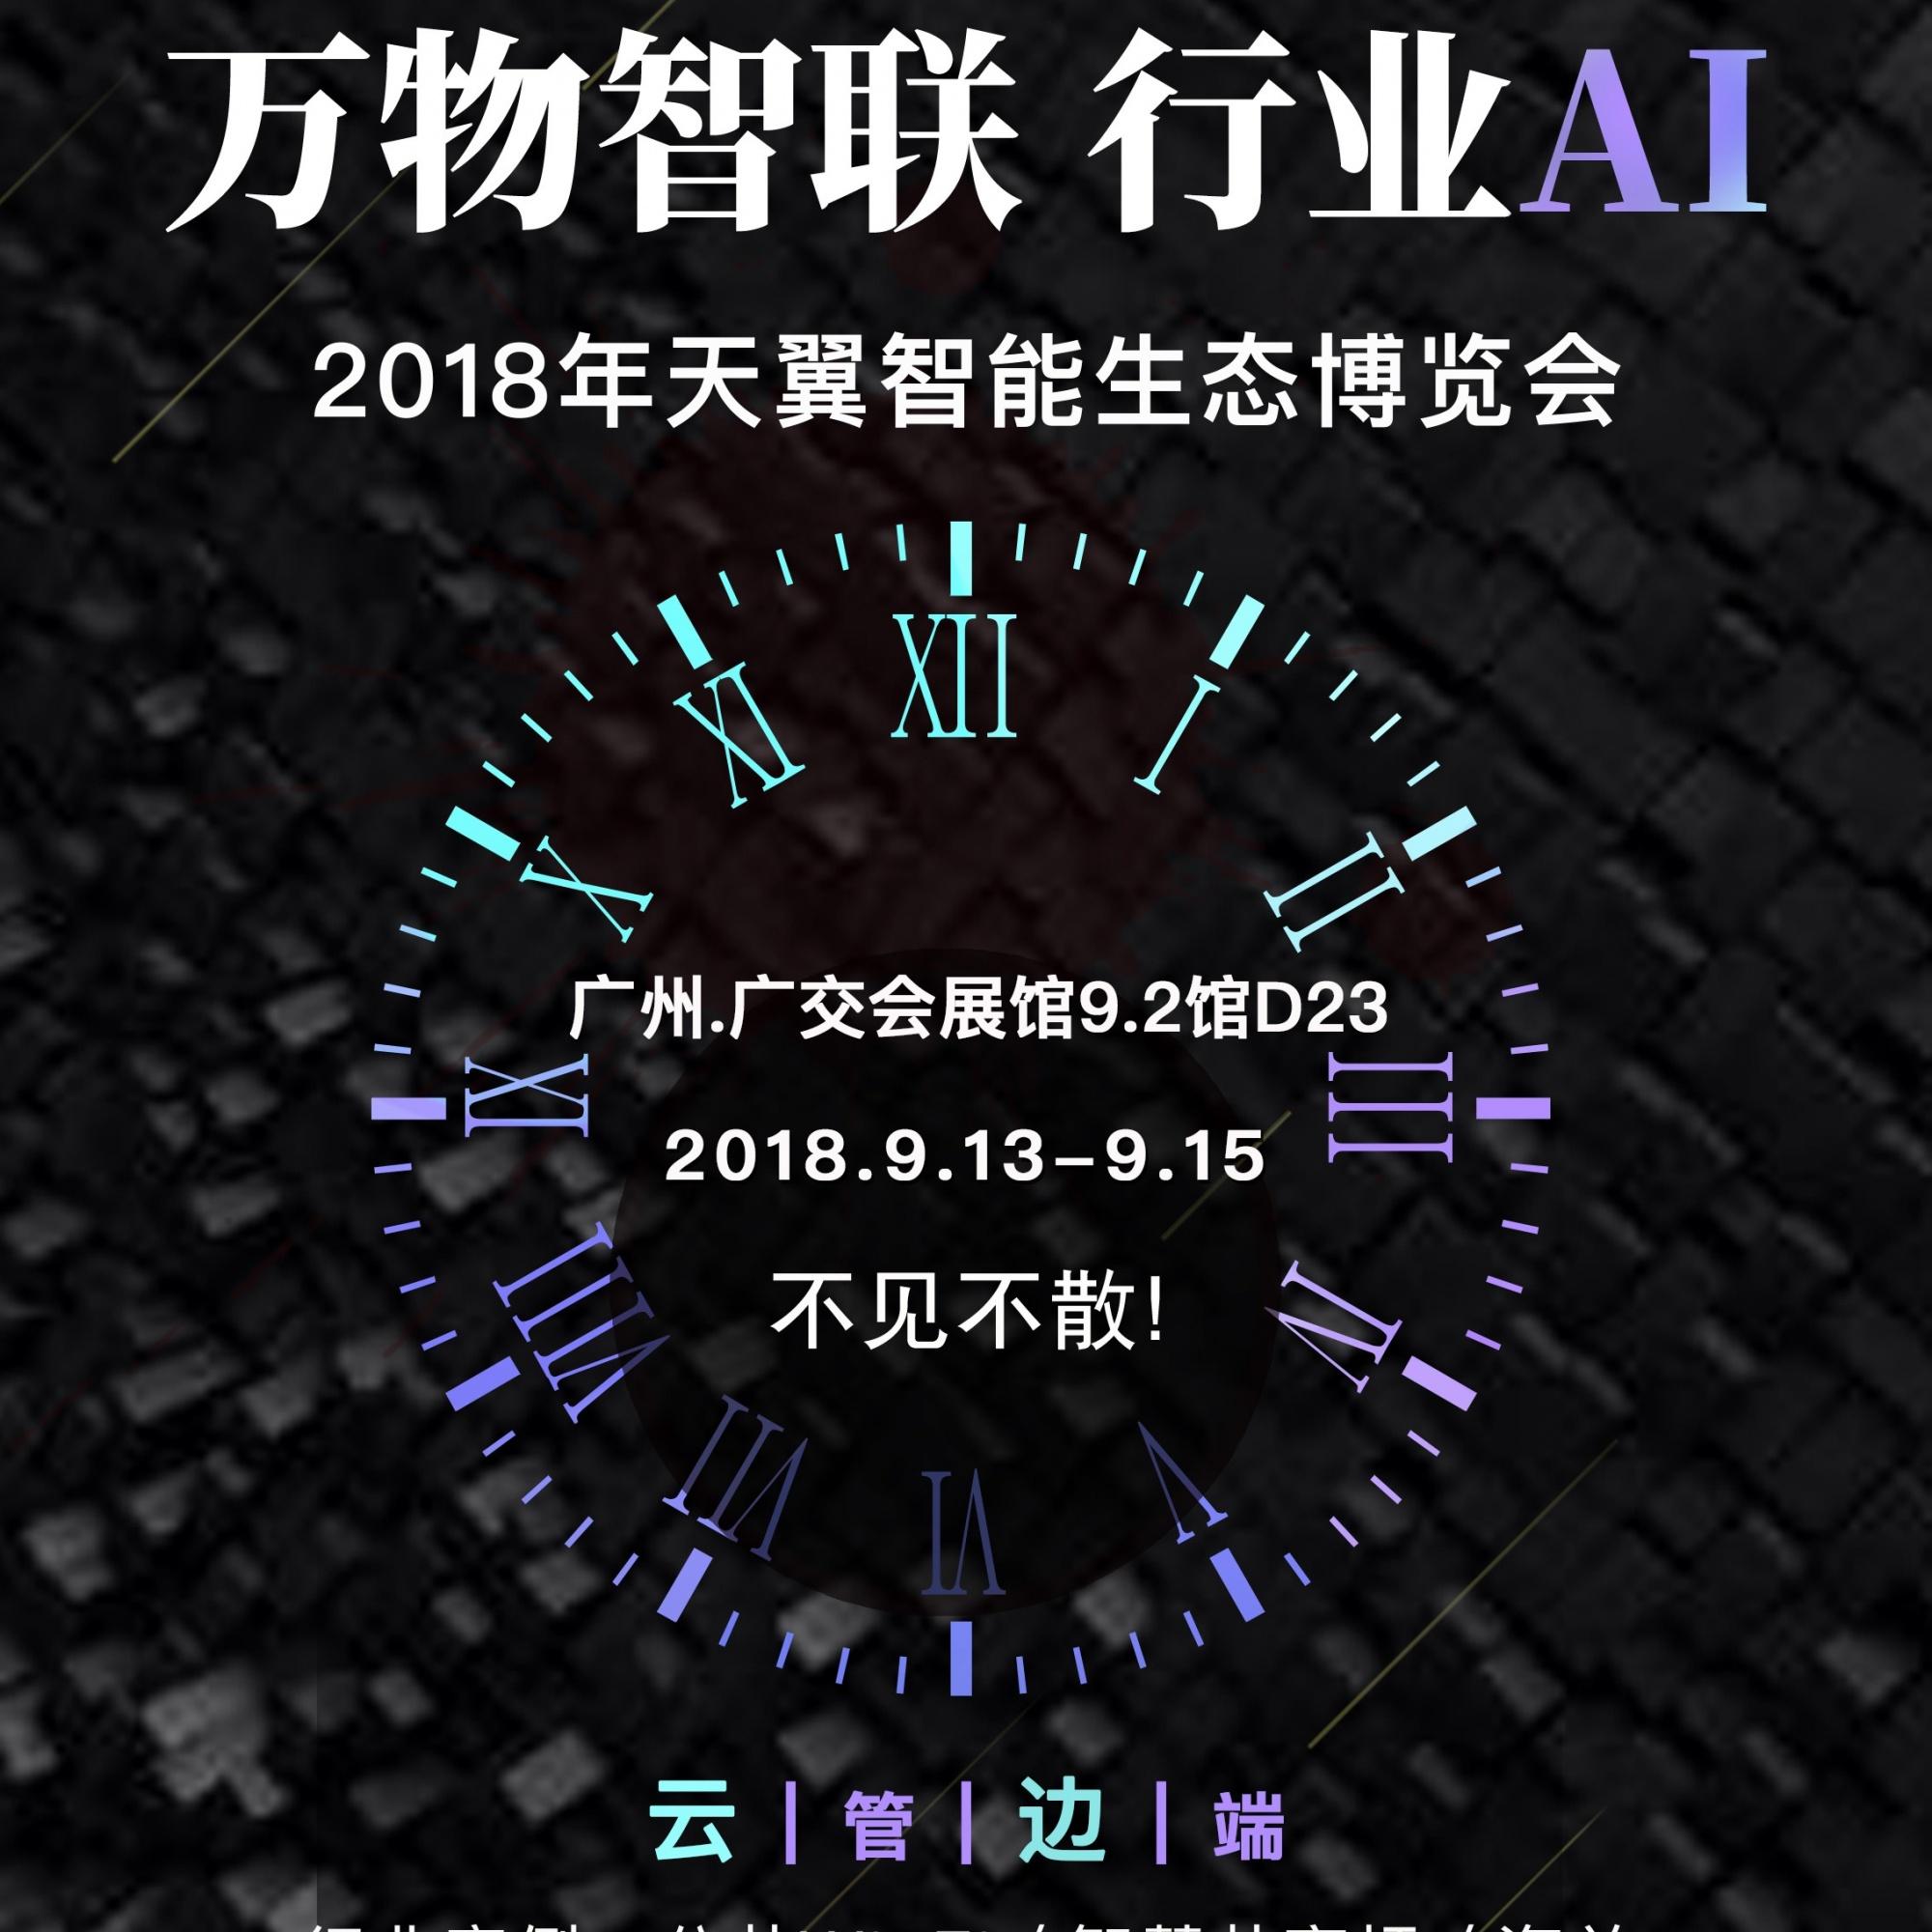 邀请函 ▶ 7G智慧邀您参加2018天翼智能生态博览会